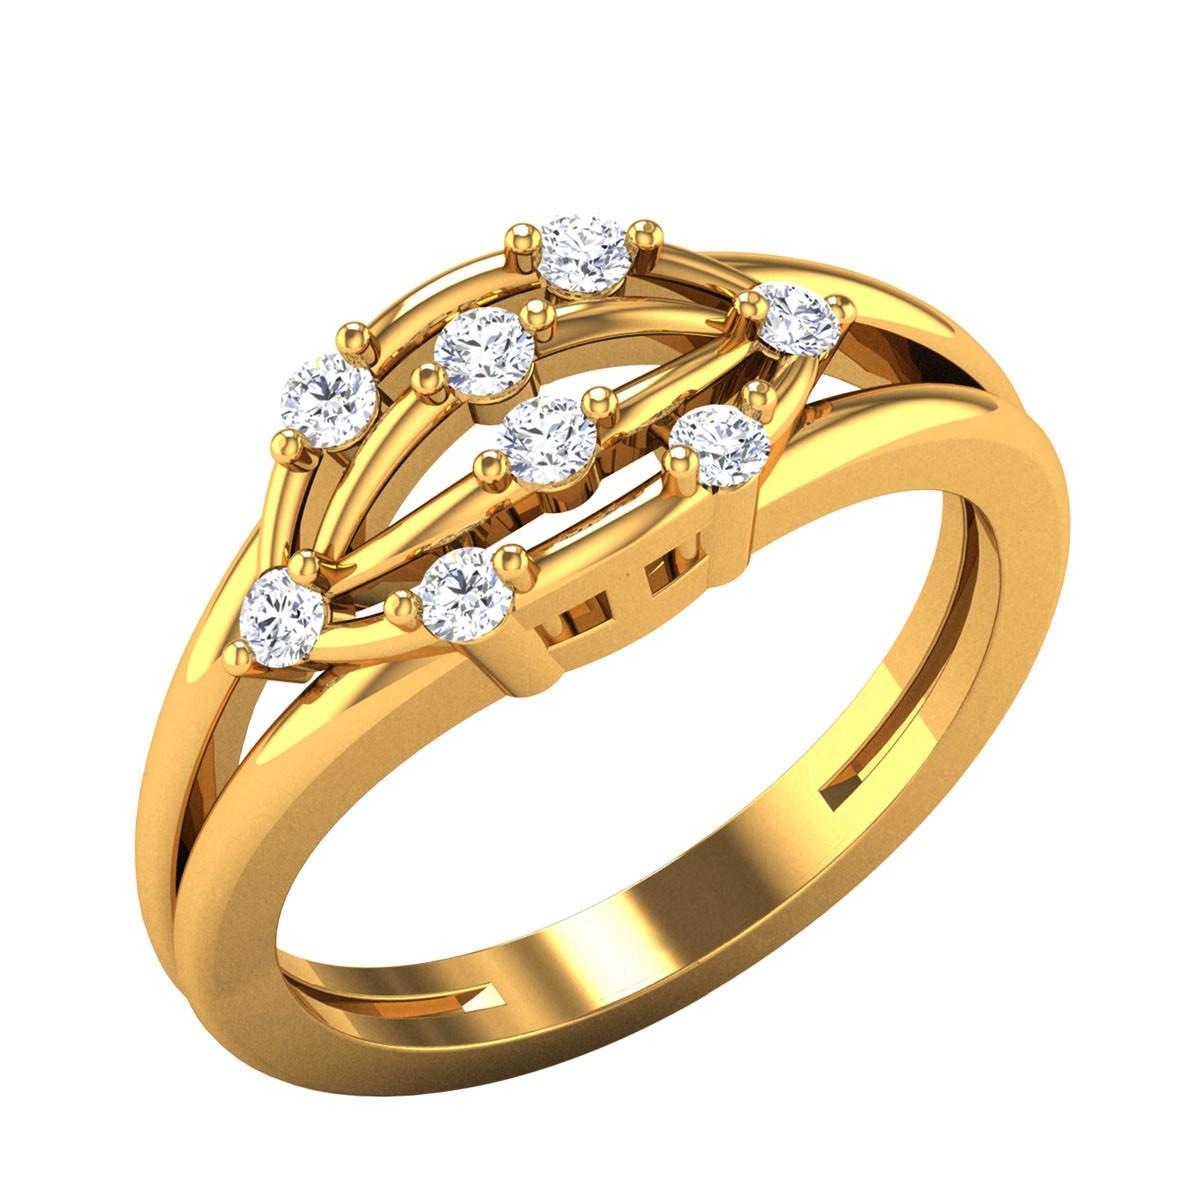 Jolie Diamond Split Band Ring